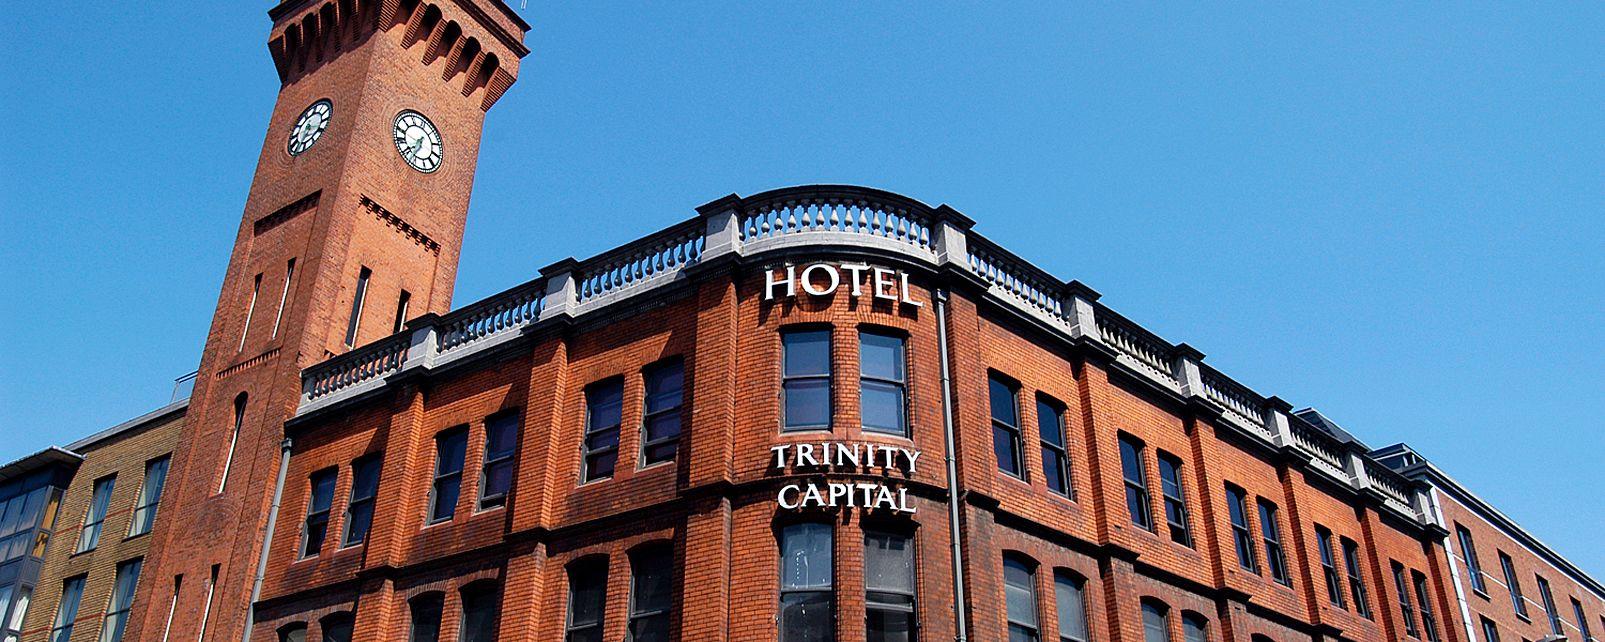 Hotel Trinity Capital Hotel